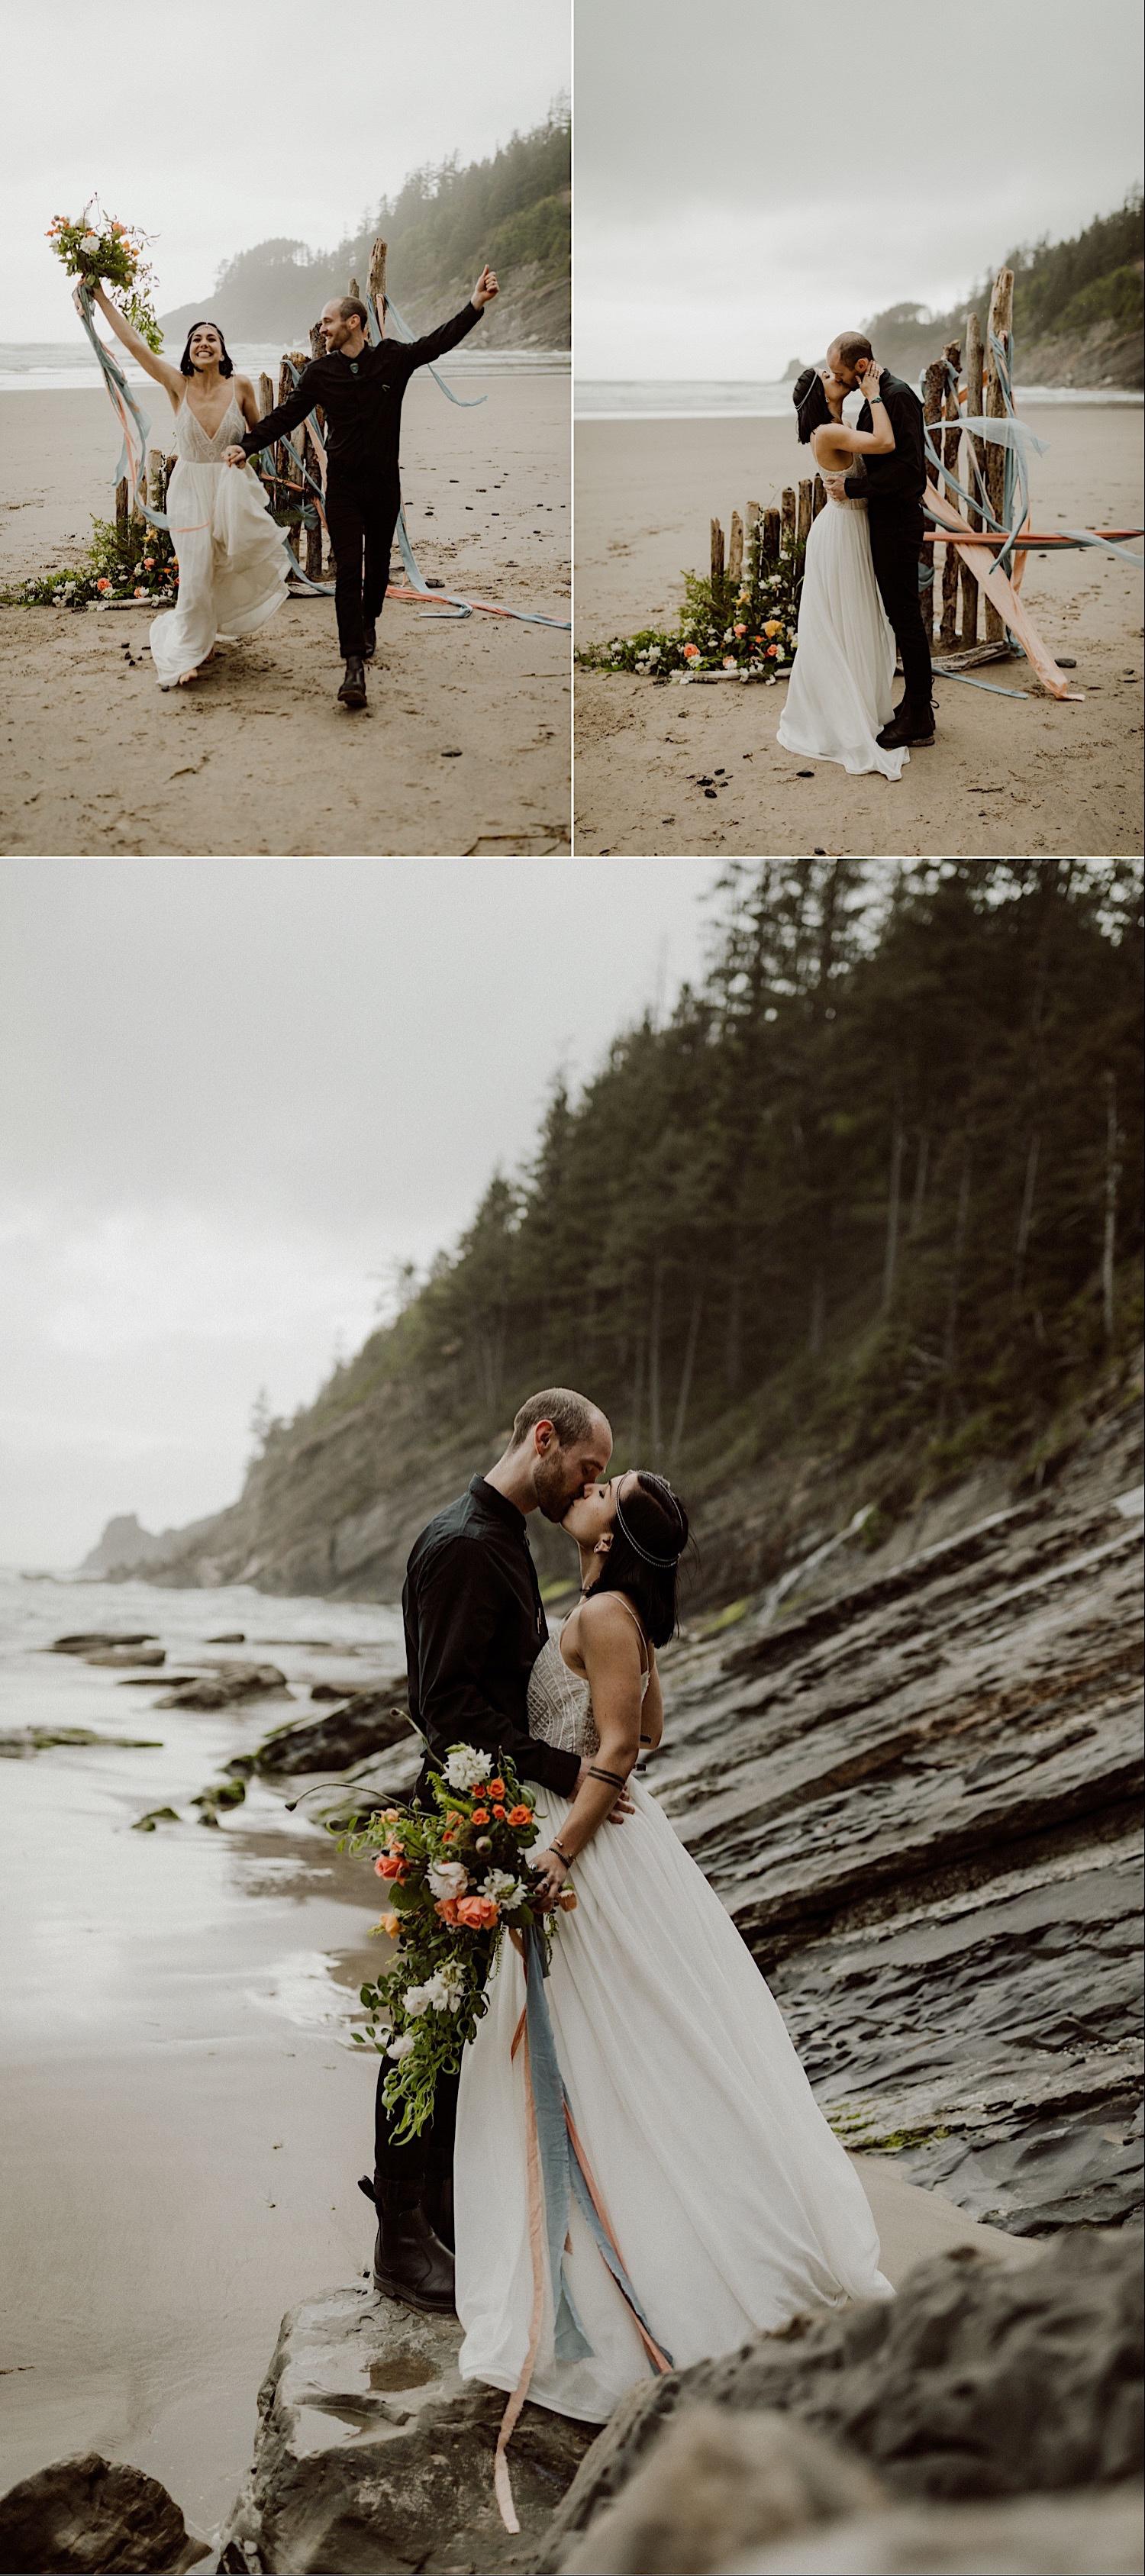 Oregon coast wedding photo inspiration